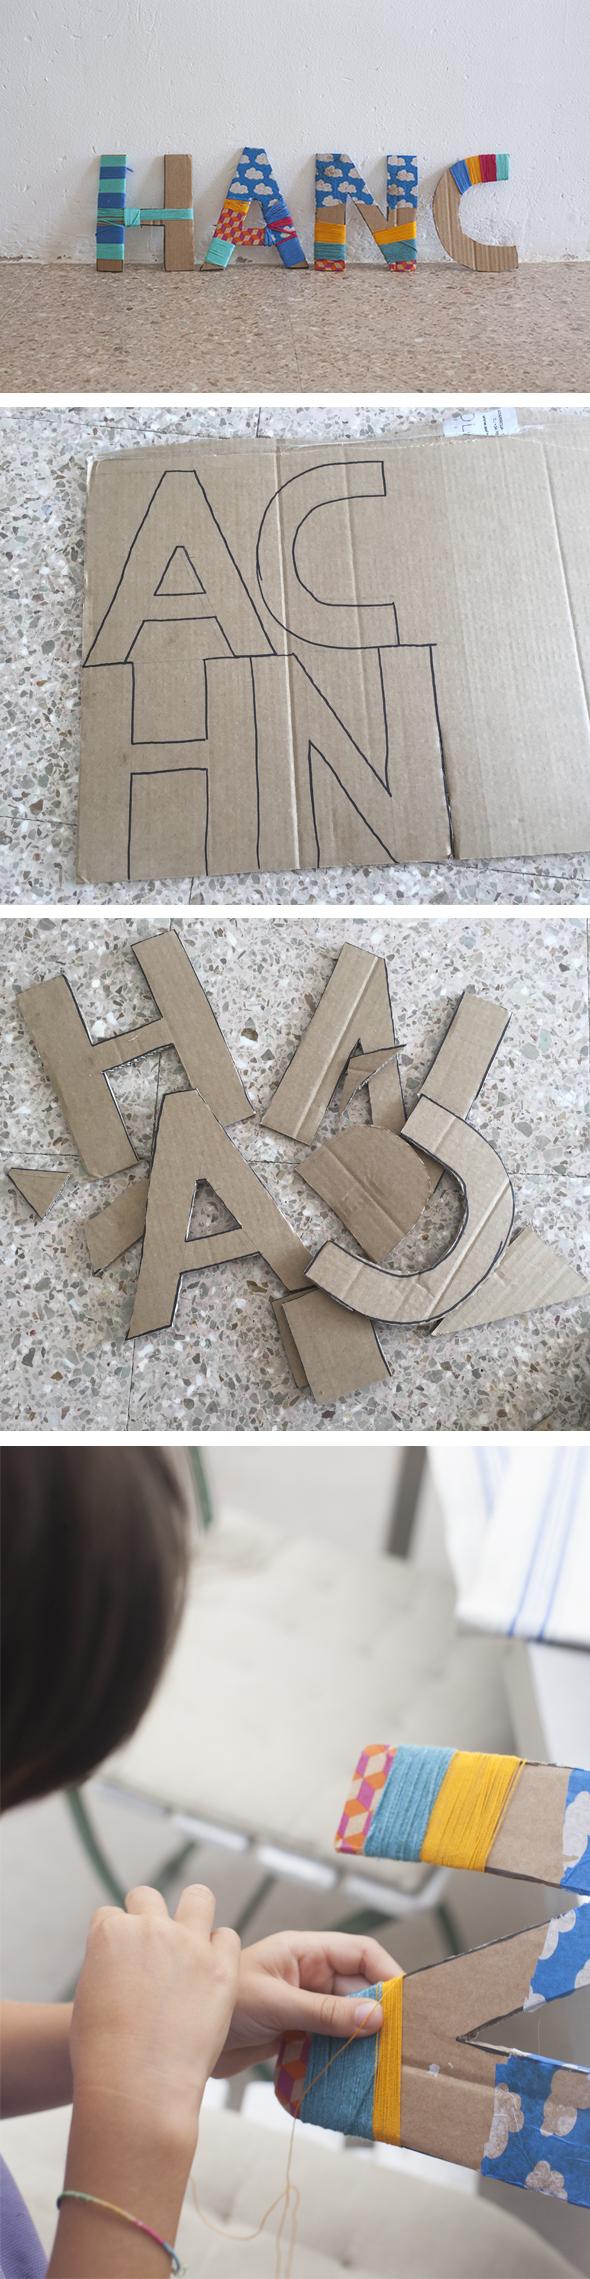 manualidad fun craft basteln letras nombre carton cardboard letter kids ninos kinder buchstaben karton deco deko